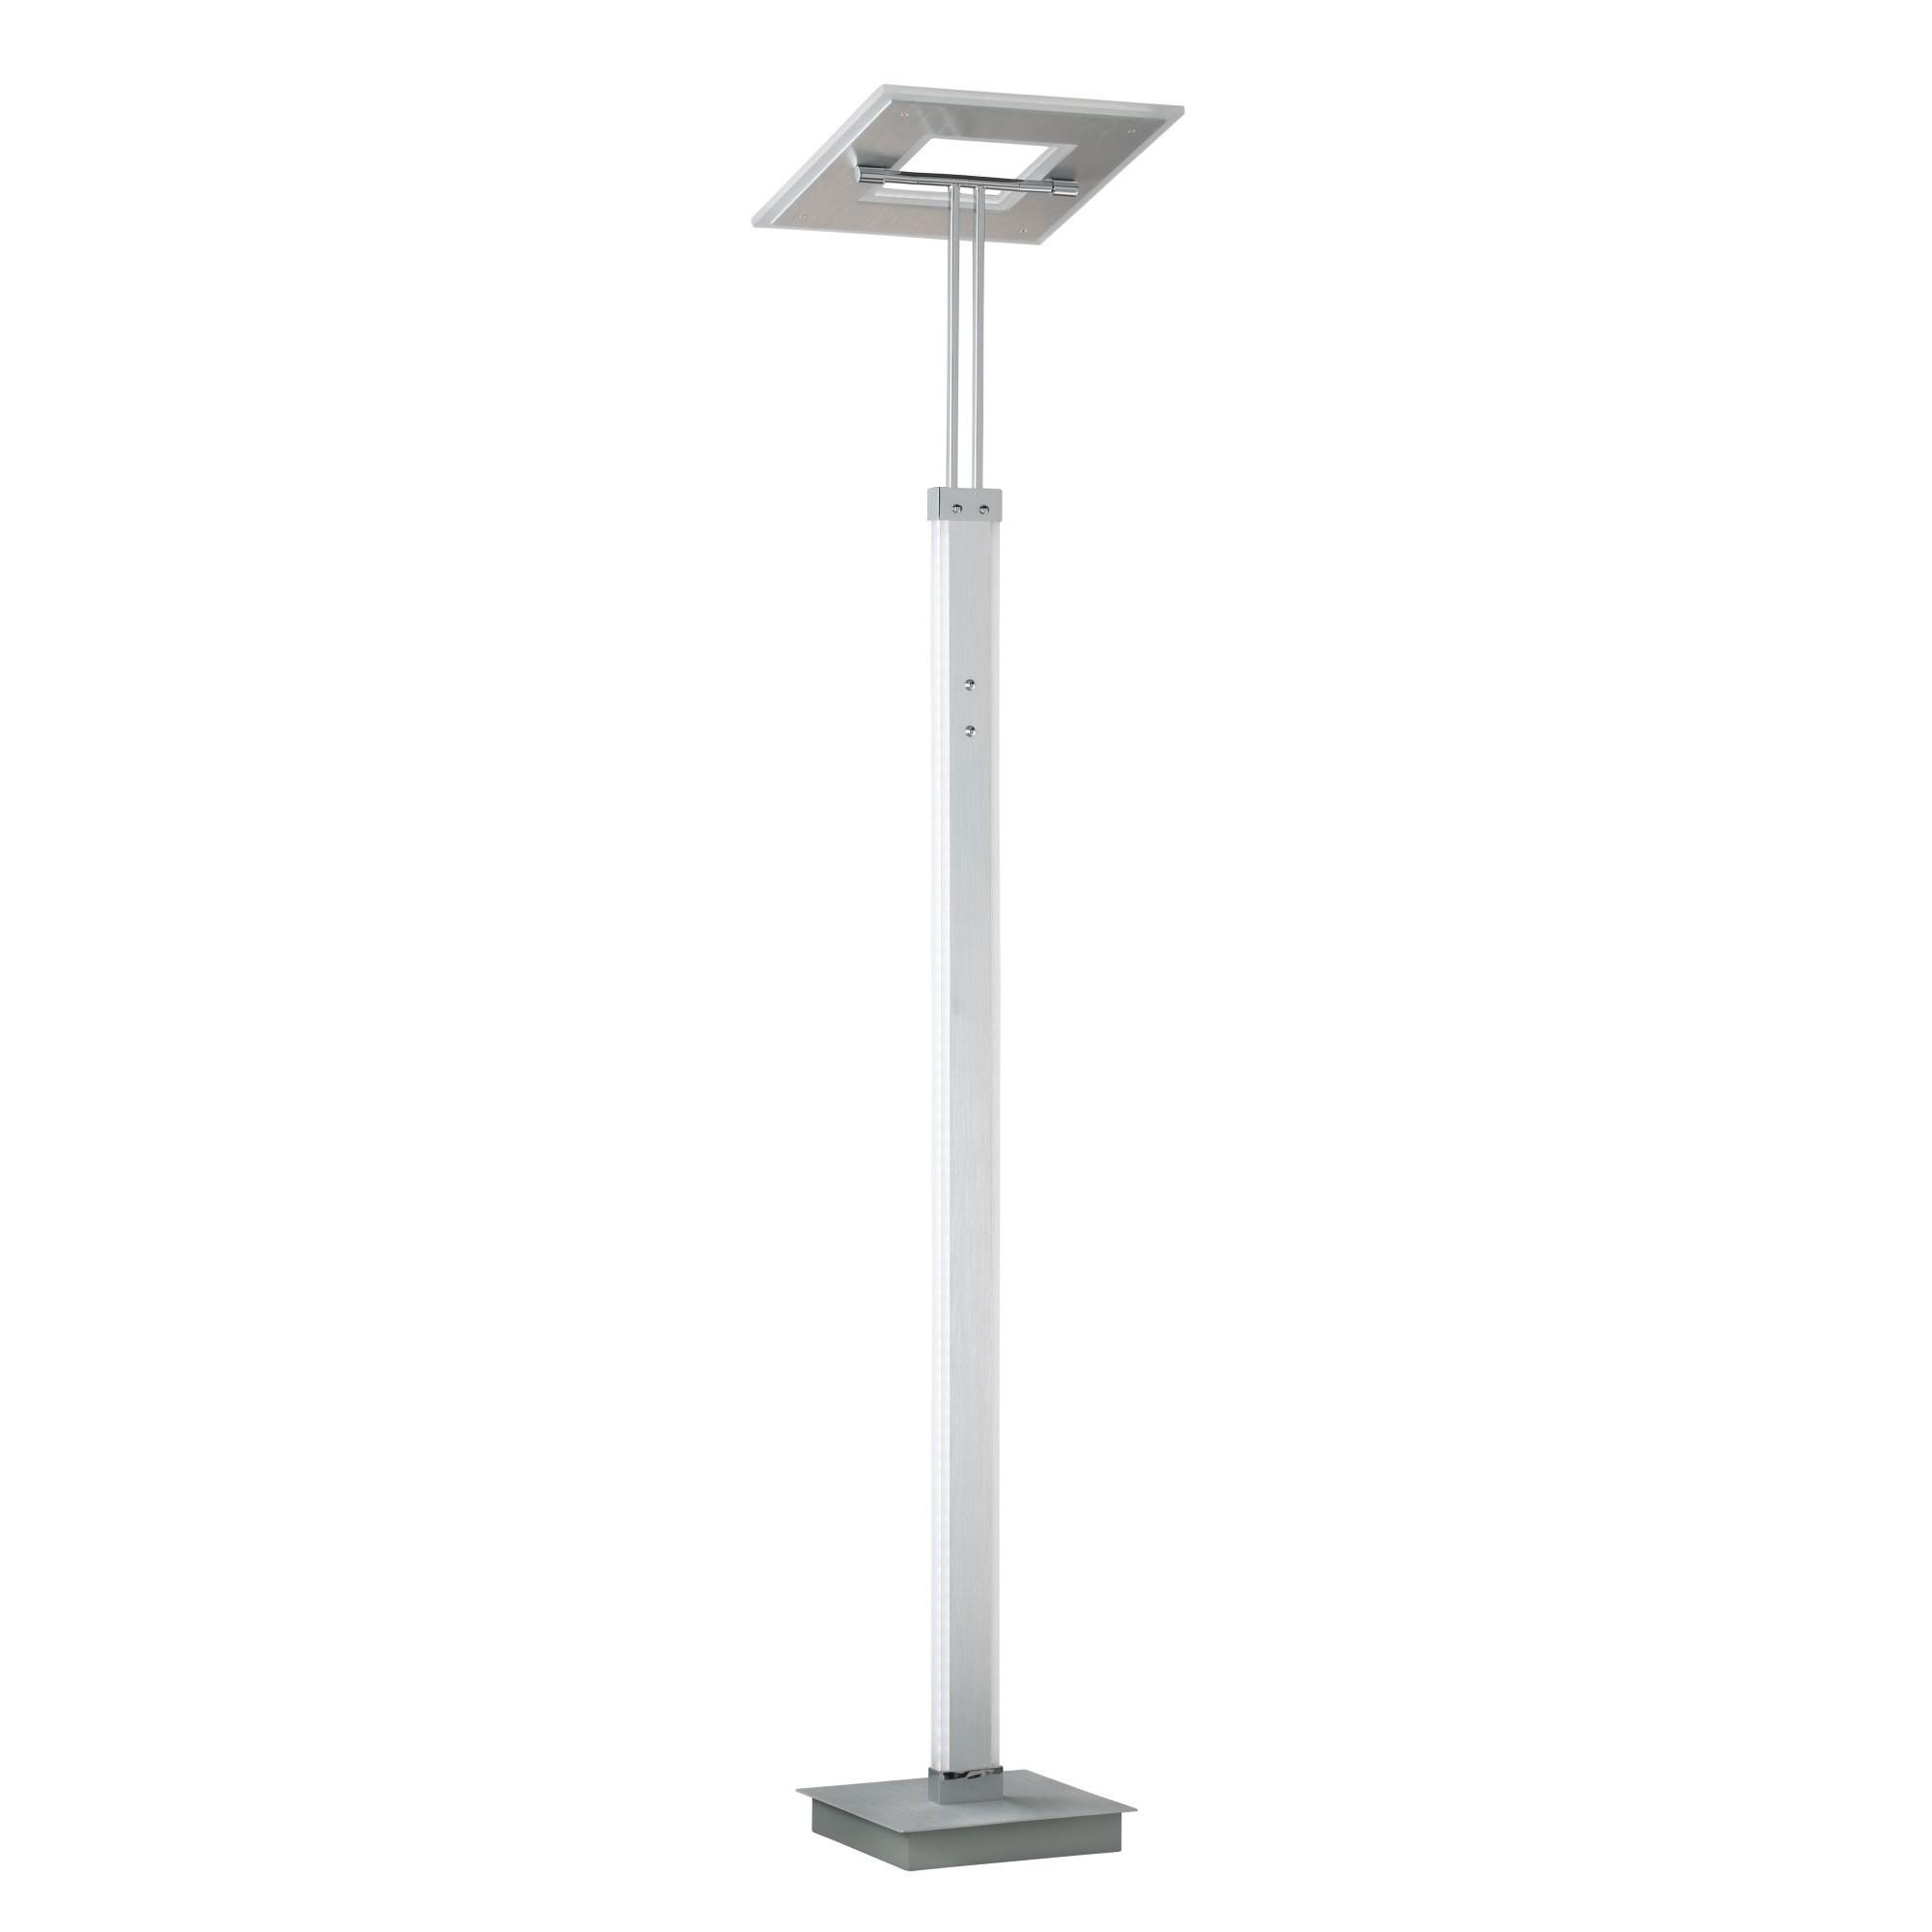 WOFI 3015.03.70.5000 GENK stojací lampa se stmívačem + 3 roky záruka ZDARMA!